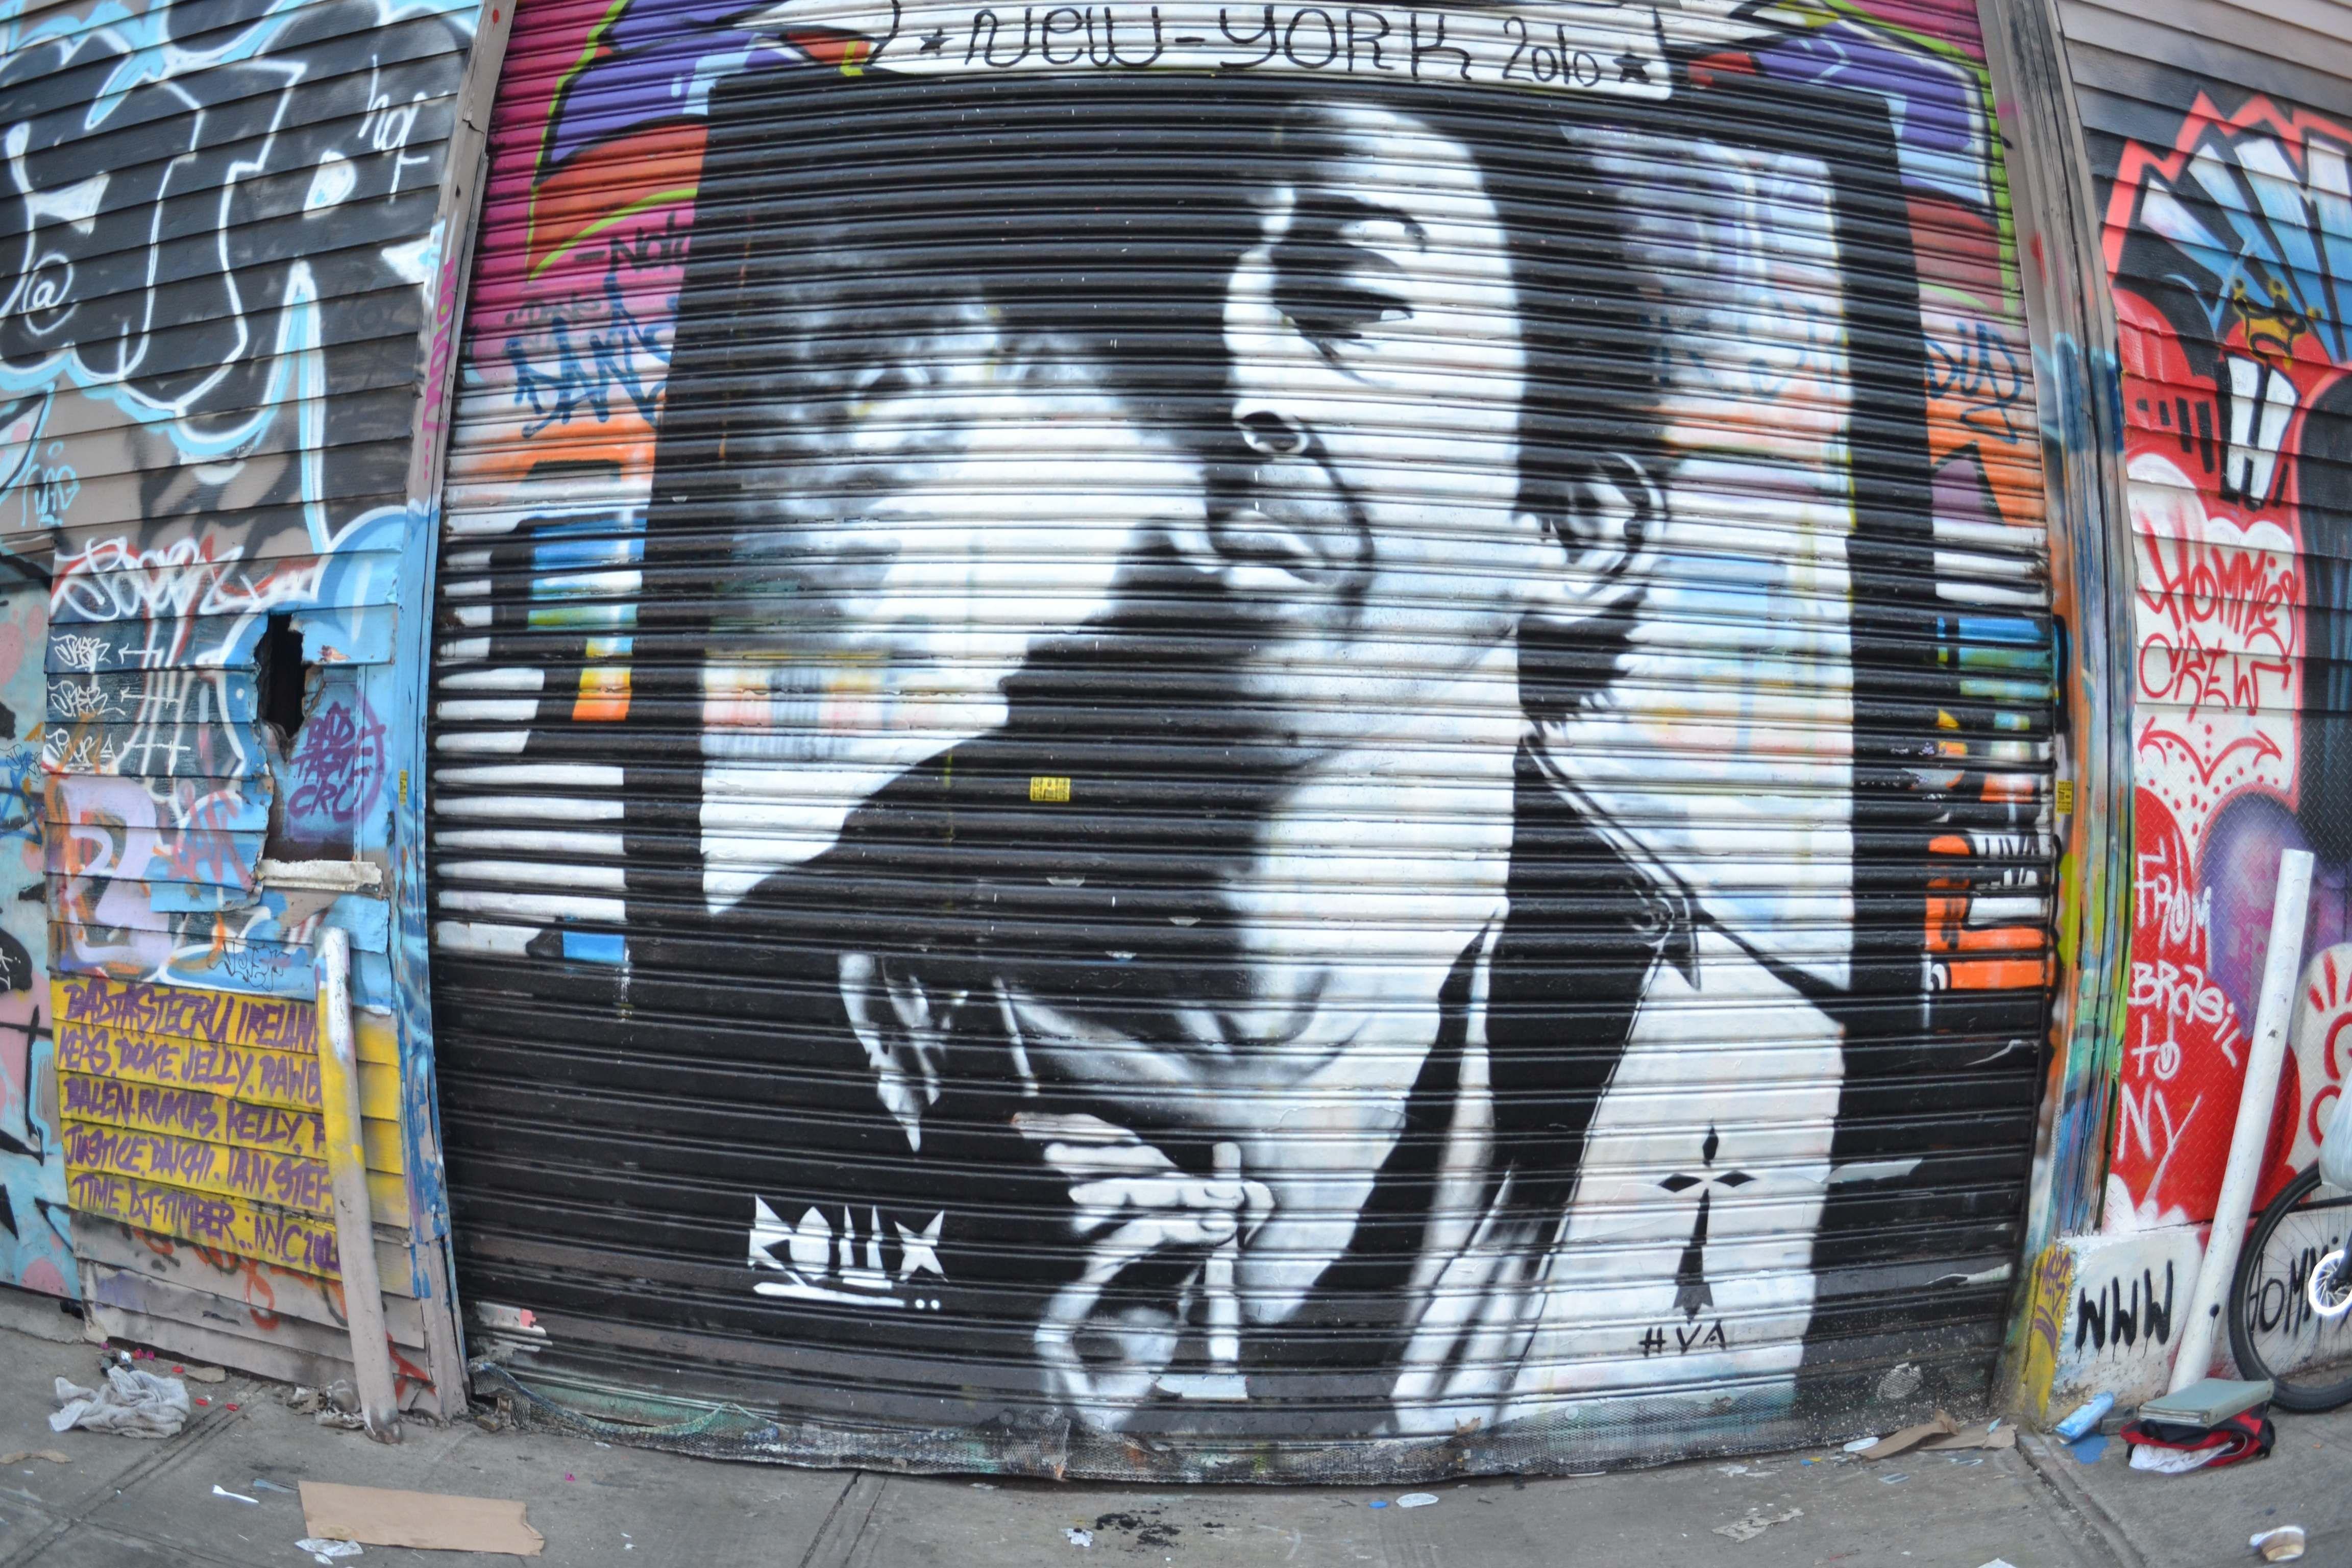 5 pointz queens graffiti pinterest queens street for Nas mural queens